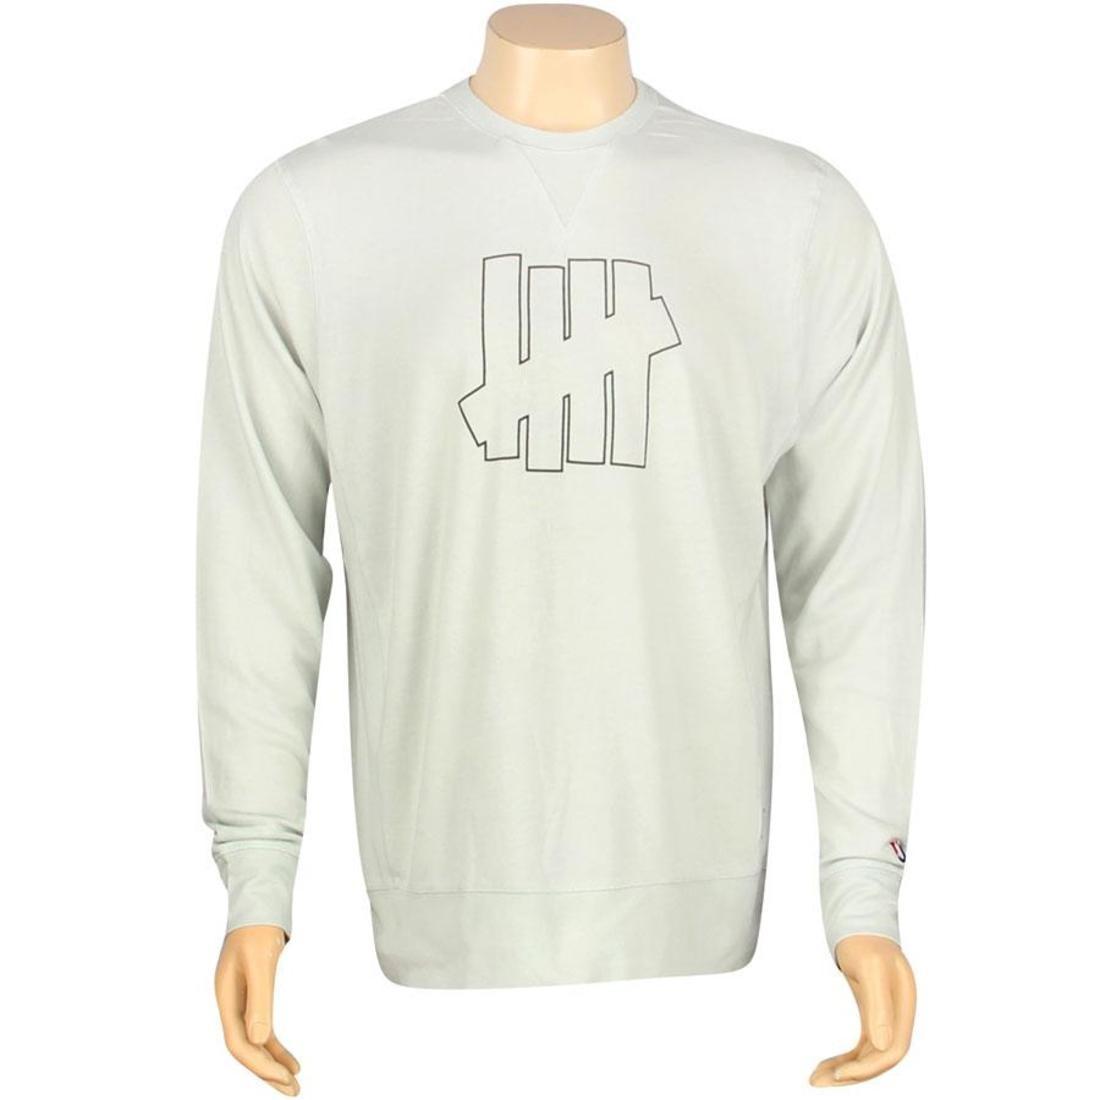 【スーパーセール中! 6/11深夜2時迄】UNDEFEATED ストライク メンズファッション トップス Tシャツ カットソー メンズ 【 U And D 5 Strike Crewneck (grey) 】 Grey